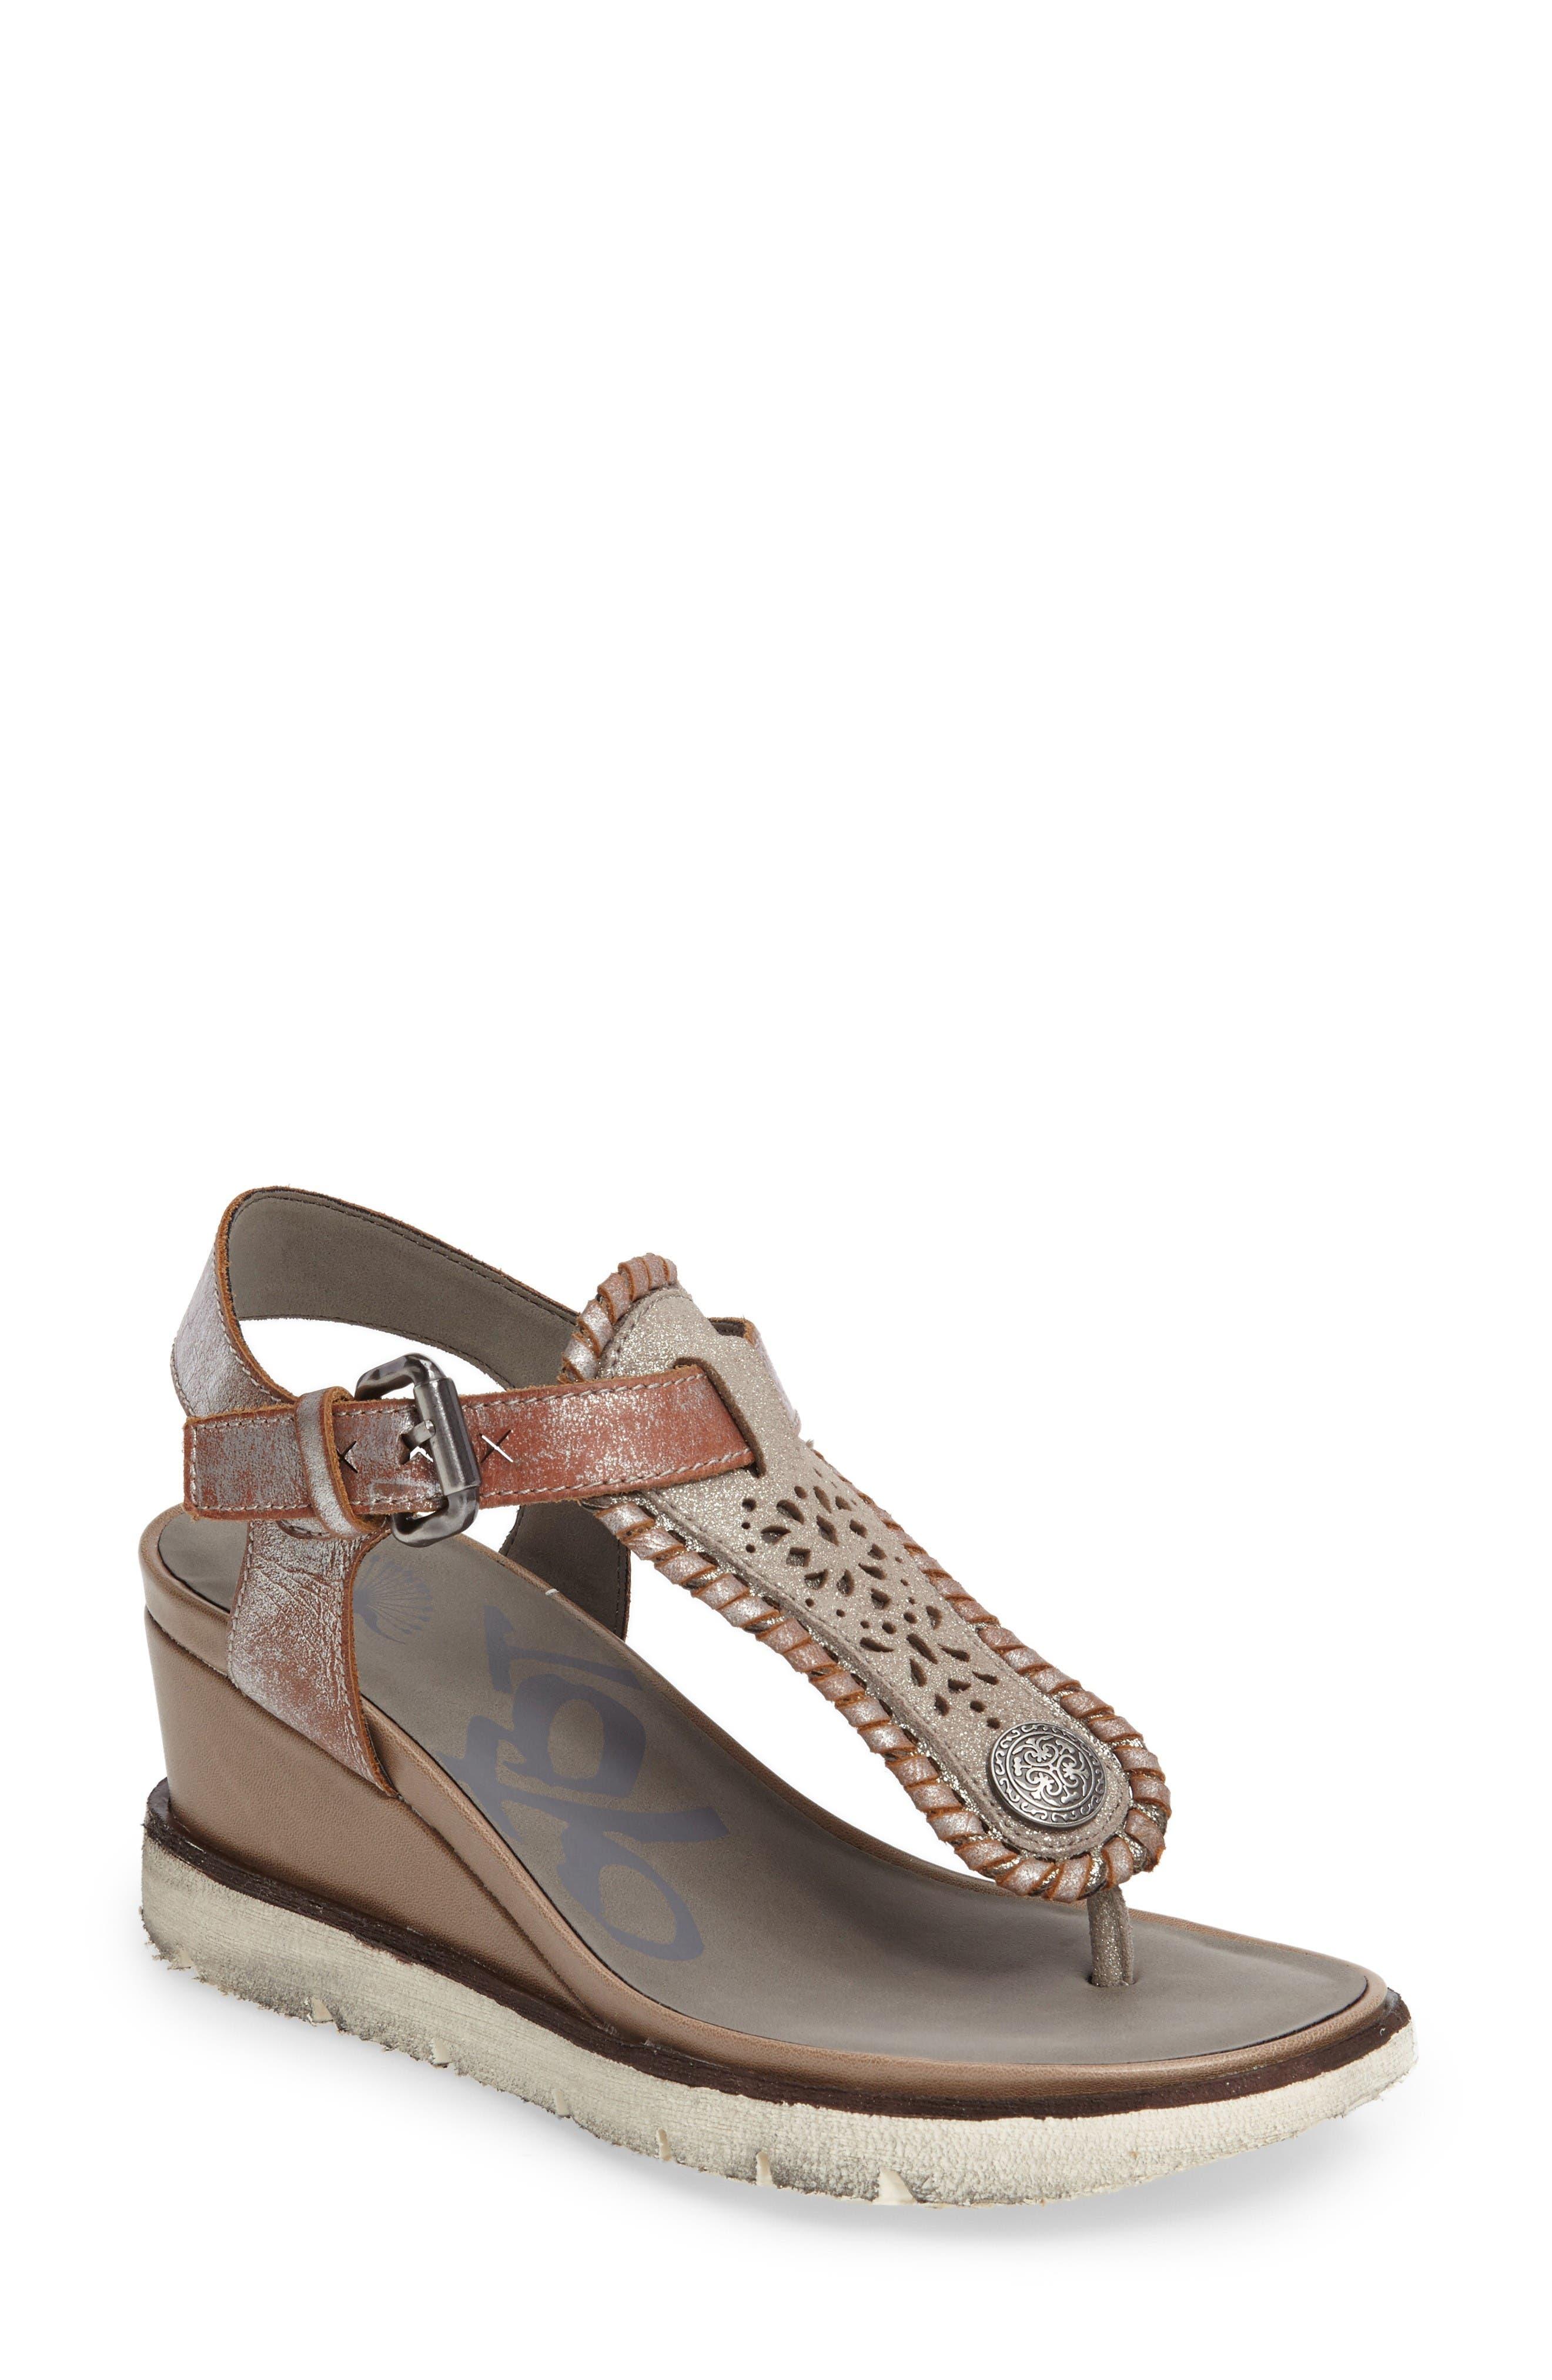 Excursion Wedge Sandal,                             Main thumbnail 1, color,                             Cloudburst Leather